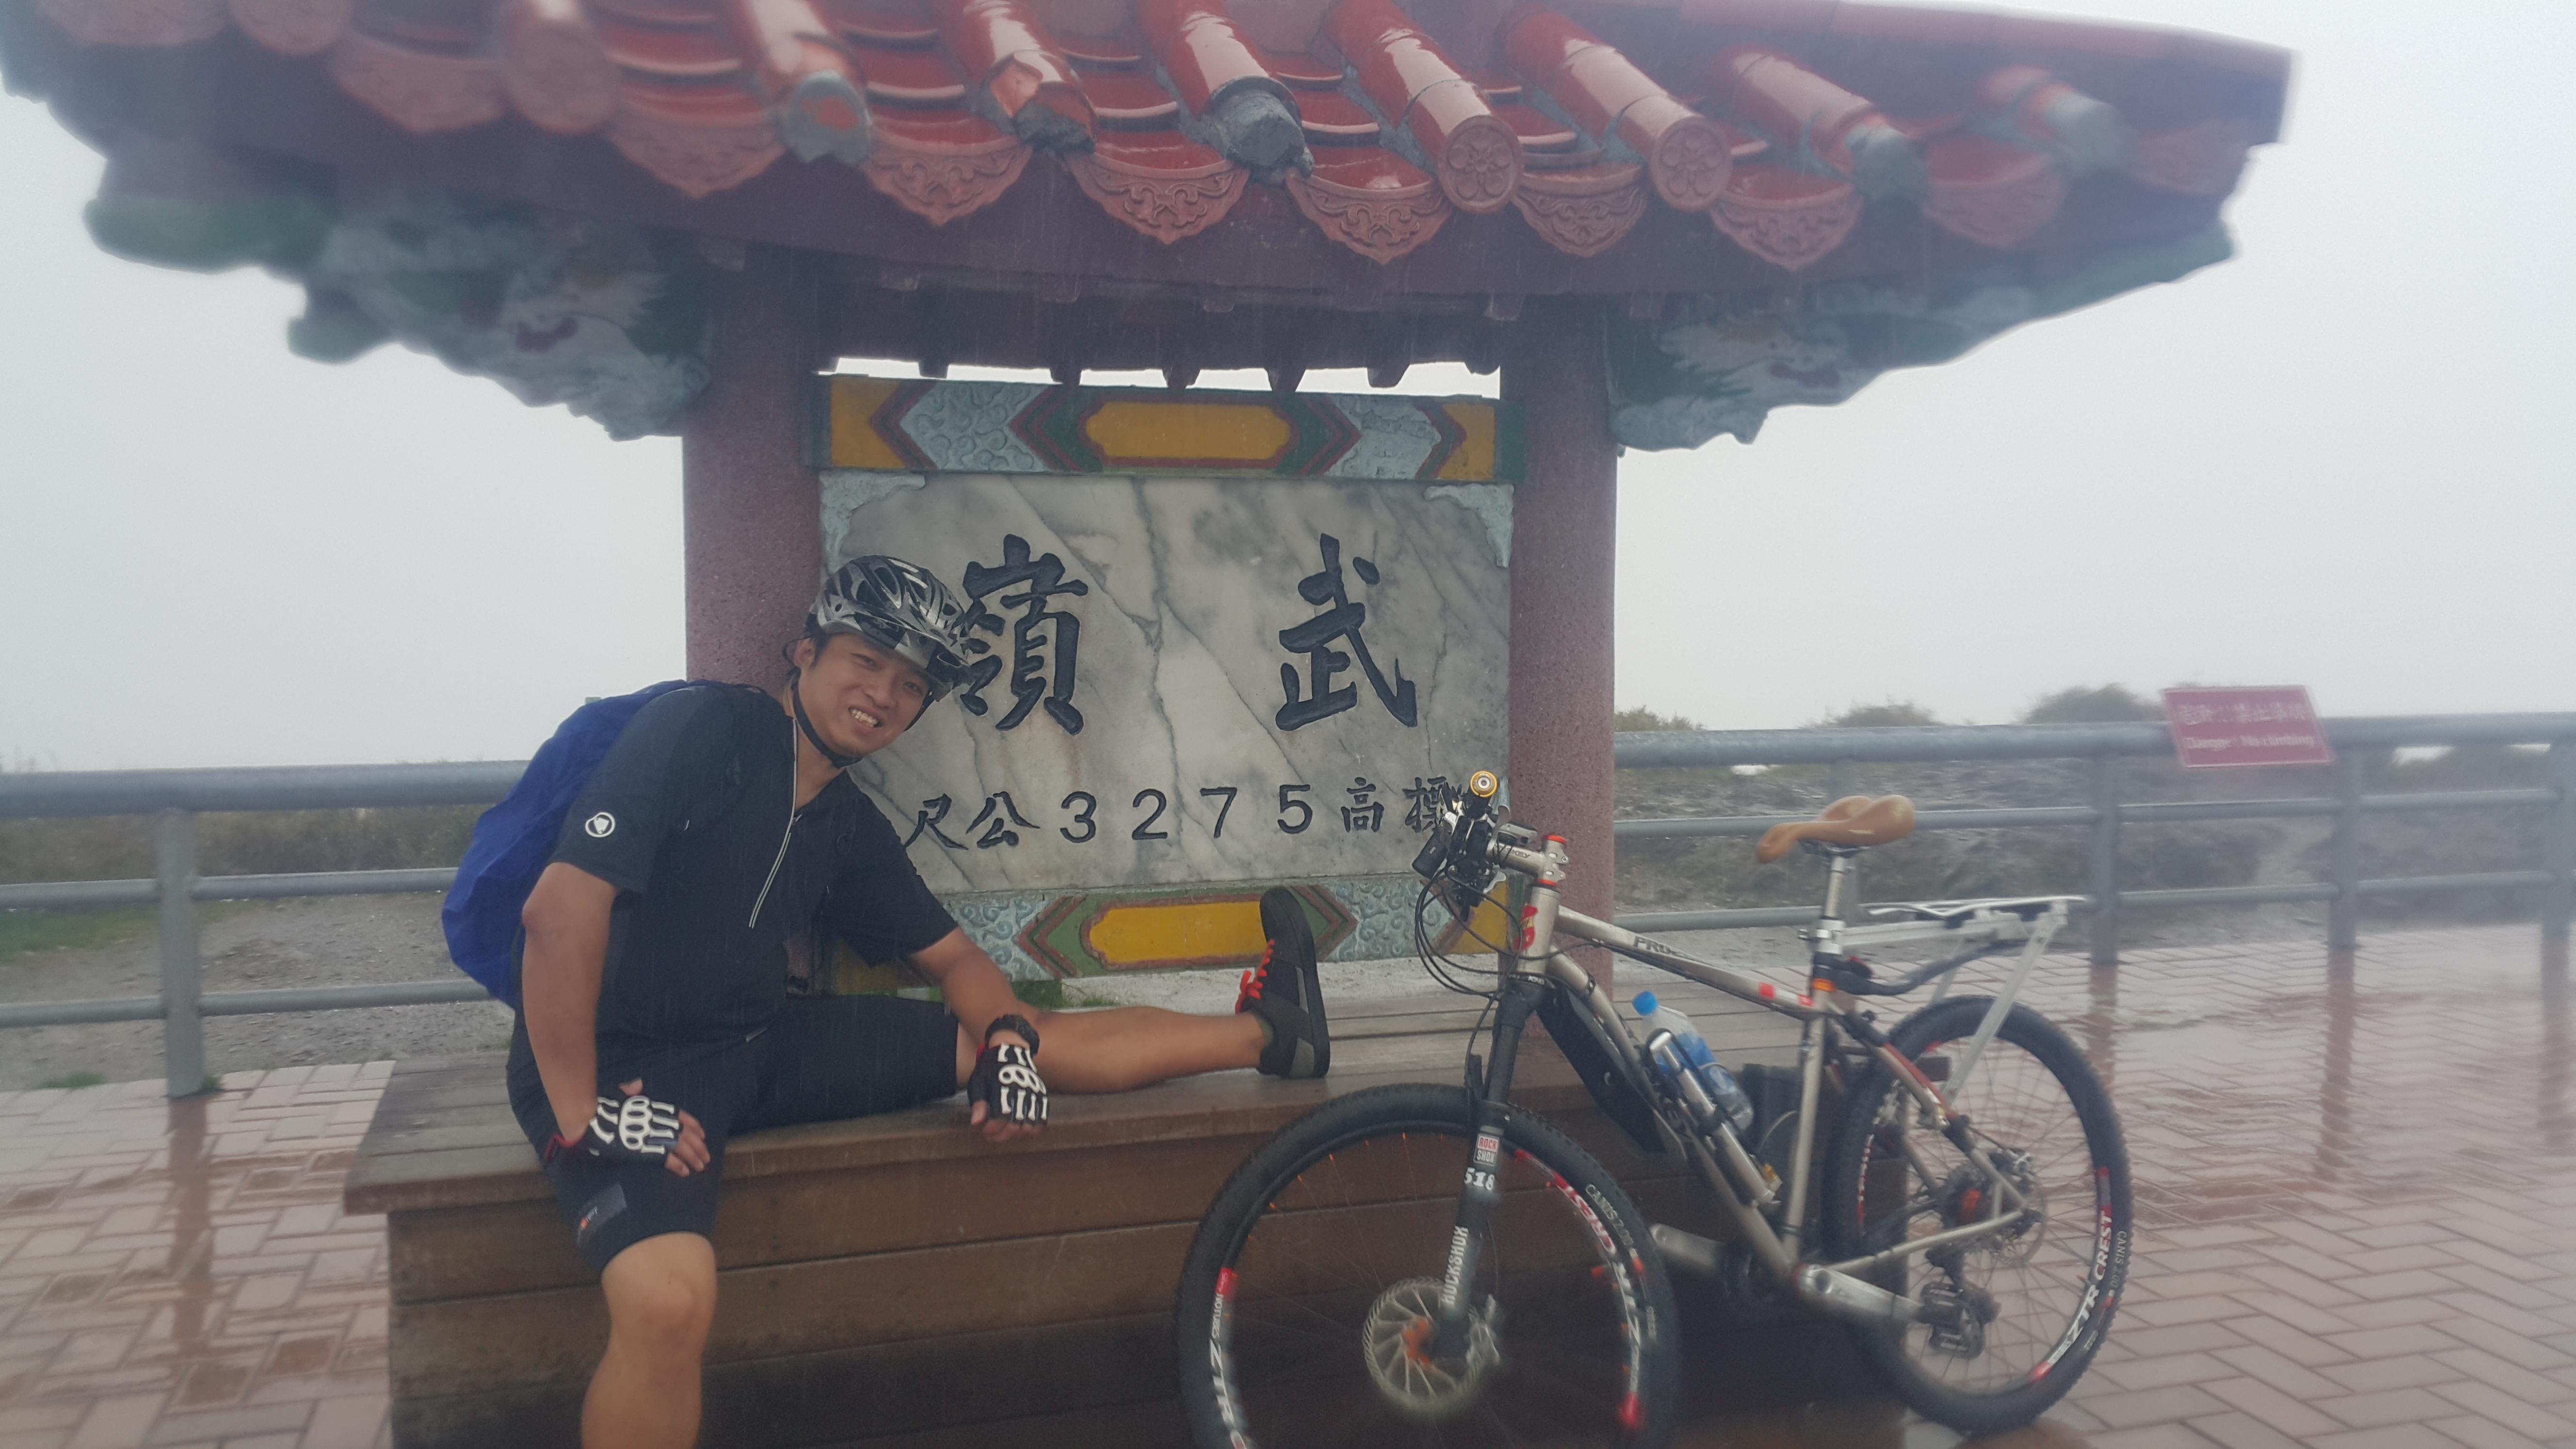 一鳴於2015年征服三千多米高的台灣武嶺。